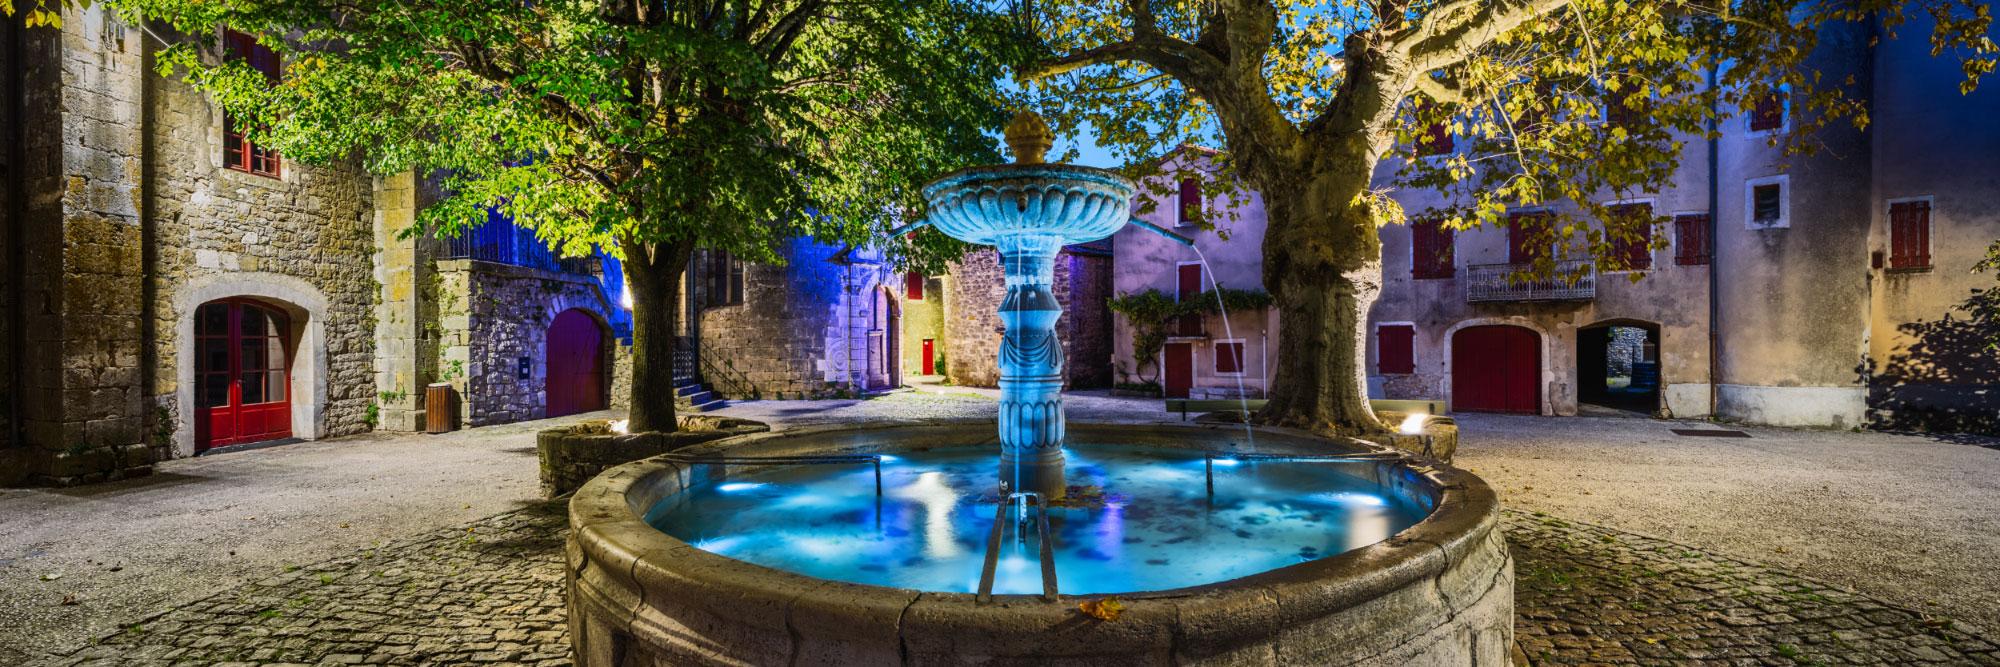 Fontaine, village templier de Saint-Eulalie de Cernon, Causse du Larzac